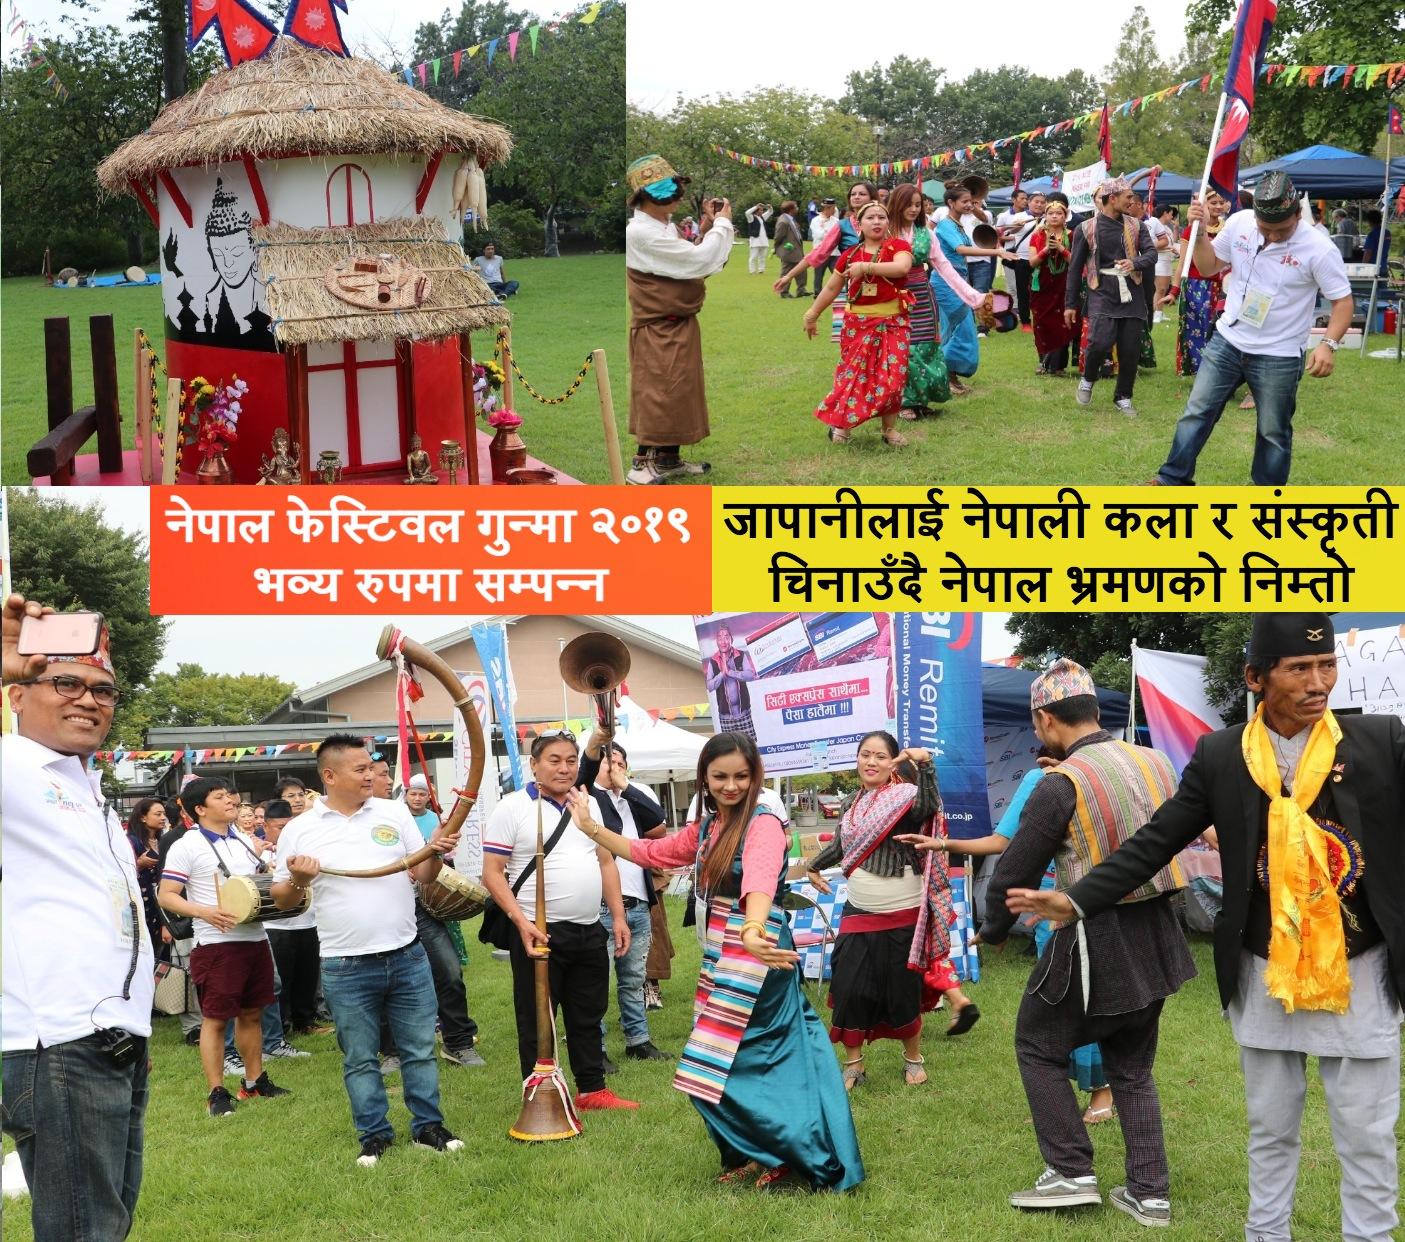 जापानीलाई नेपाली कला र संस्कृती चिनाउँदै नेपाल भ्रमणको निम्तो सहित नेपाल फेस्टिवल सम्पन्न